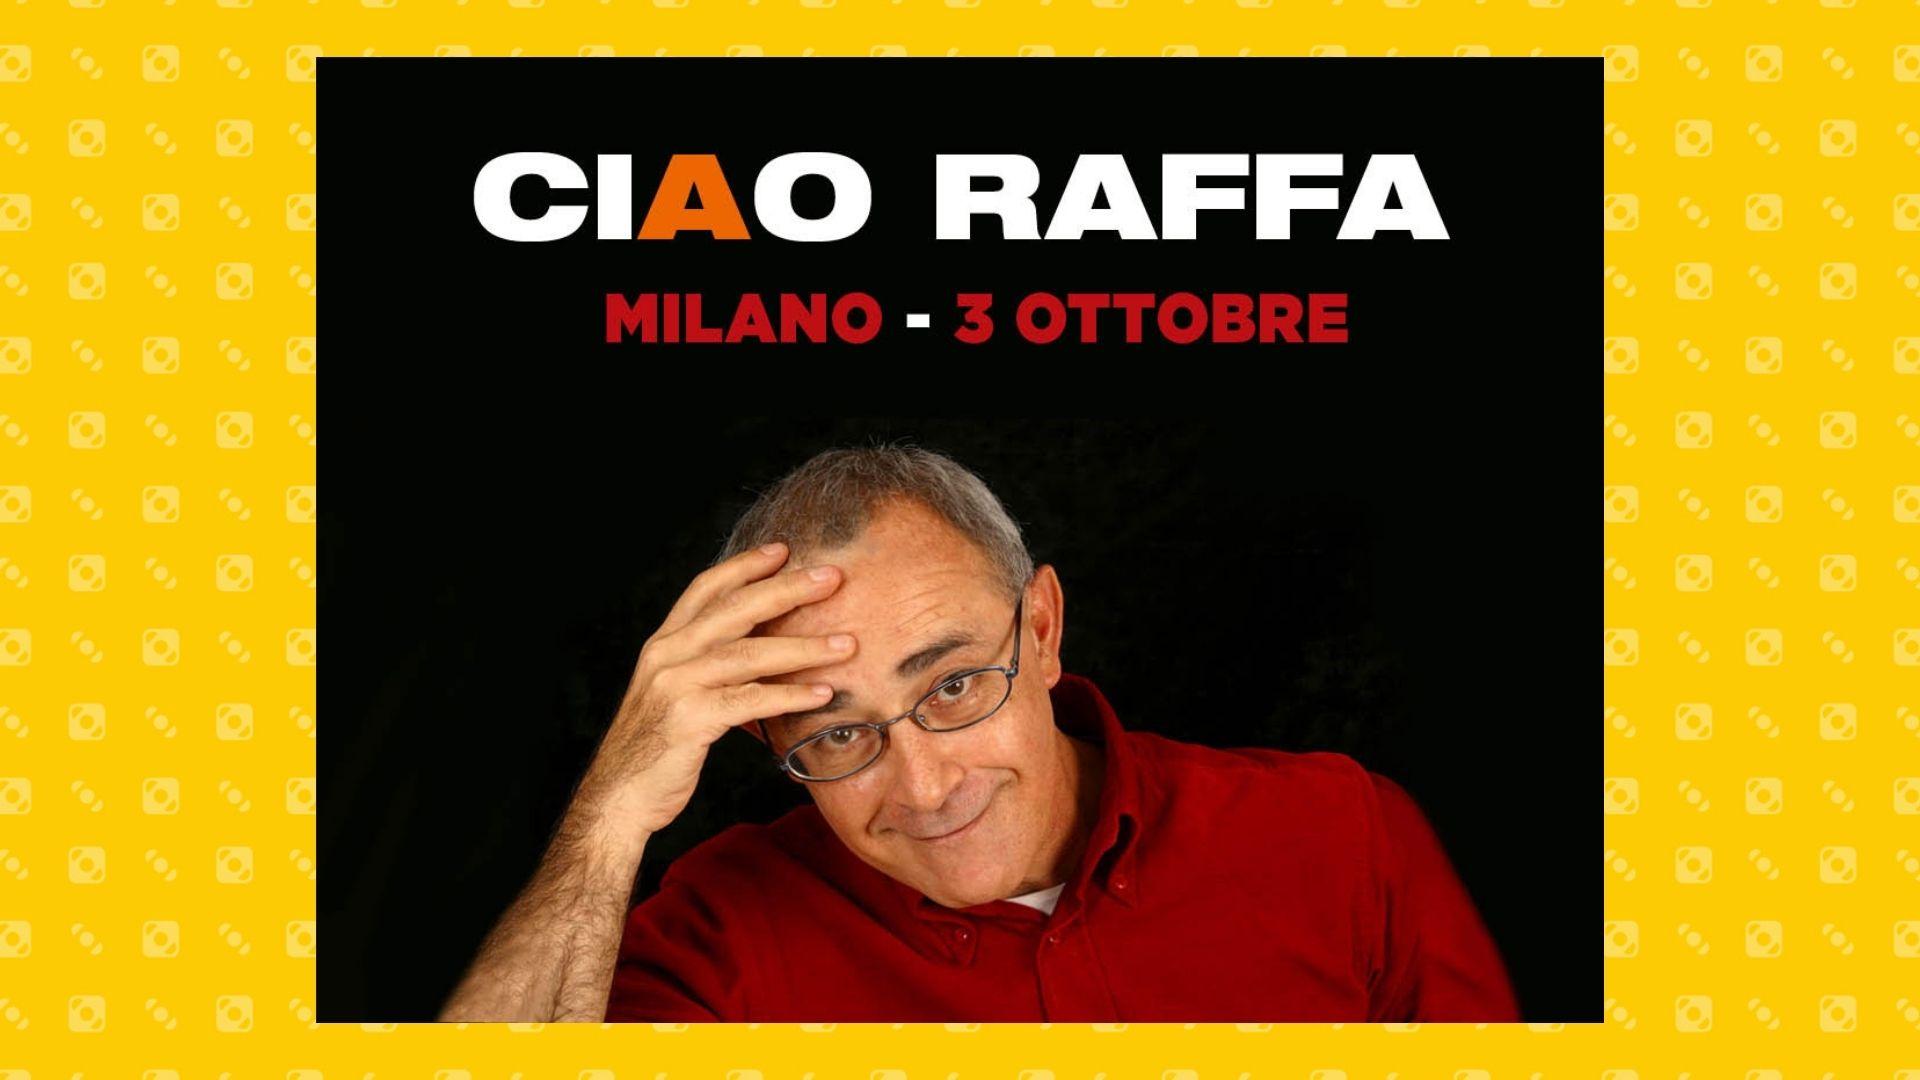 Ciao Raffa! Una giornata dedicata a Raffaele Masto e alla sua Africa